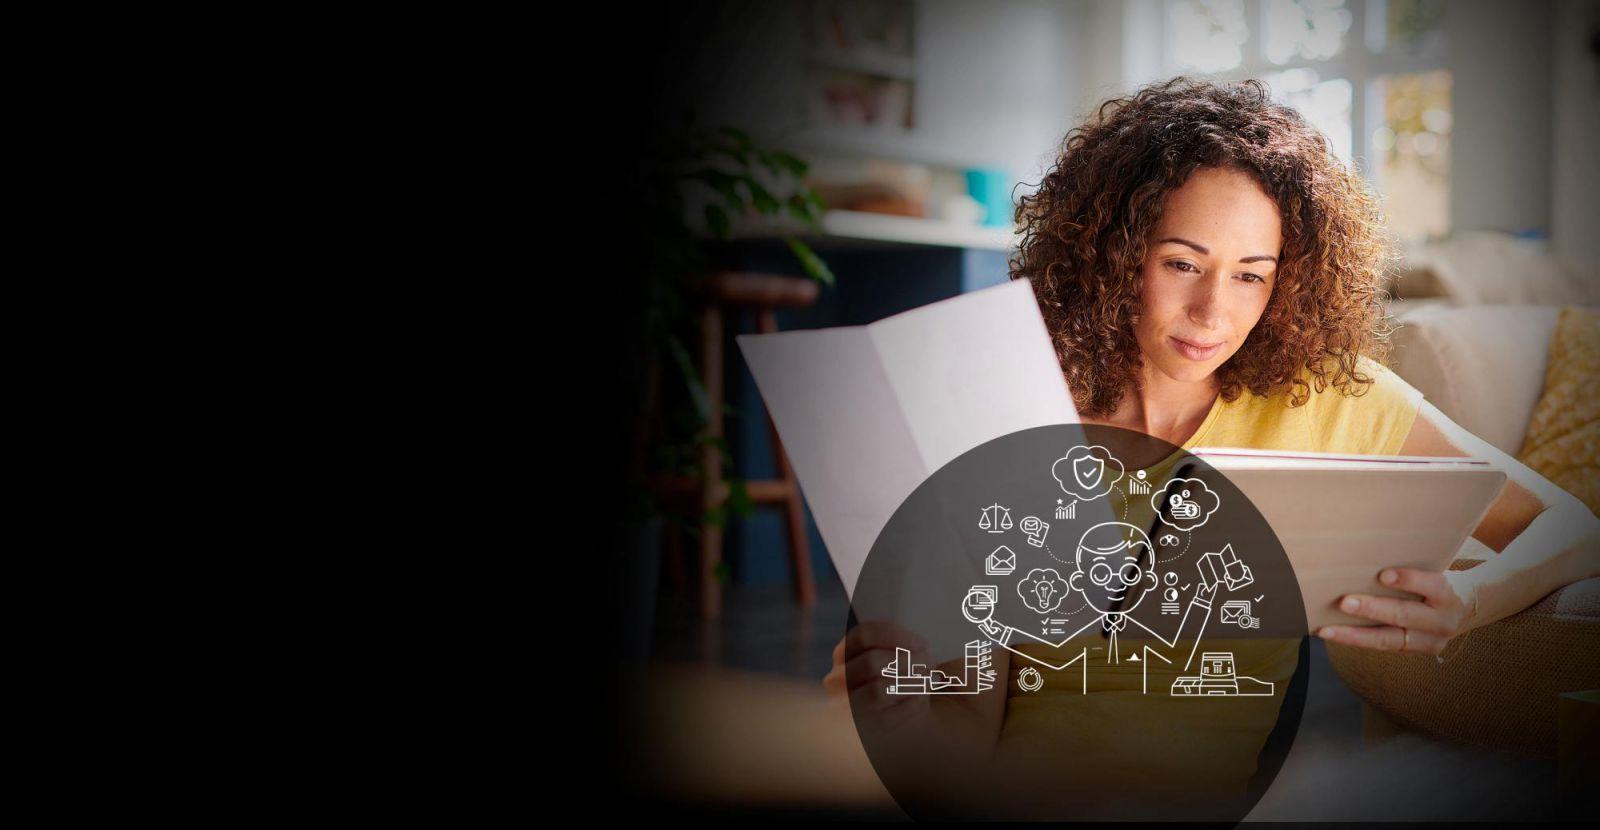 GIẢI PHÁP THƯ TÍN Các giải pháp máy móc xử lý thư hiện đại cho phép các doanh nghiệp tăng tốc toàn bộ quá trình xử lýthư, tiết kiệm thời gian, nâng cao năng suất và hạn chế lỗi sai.